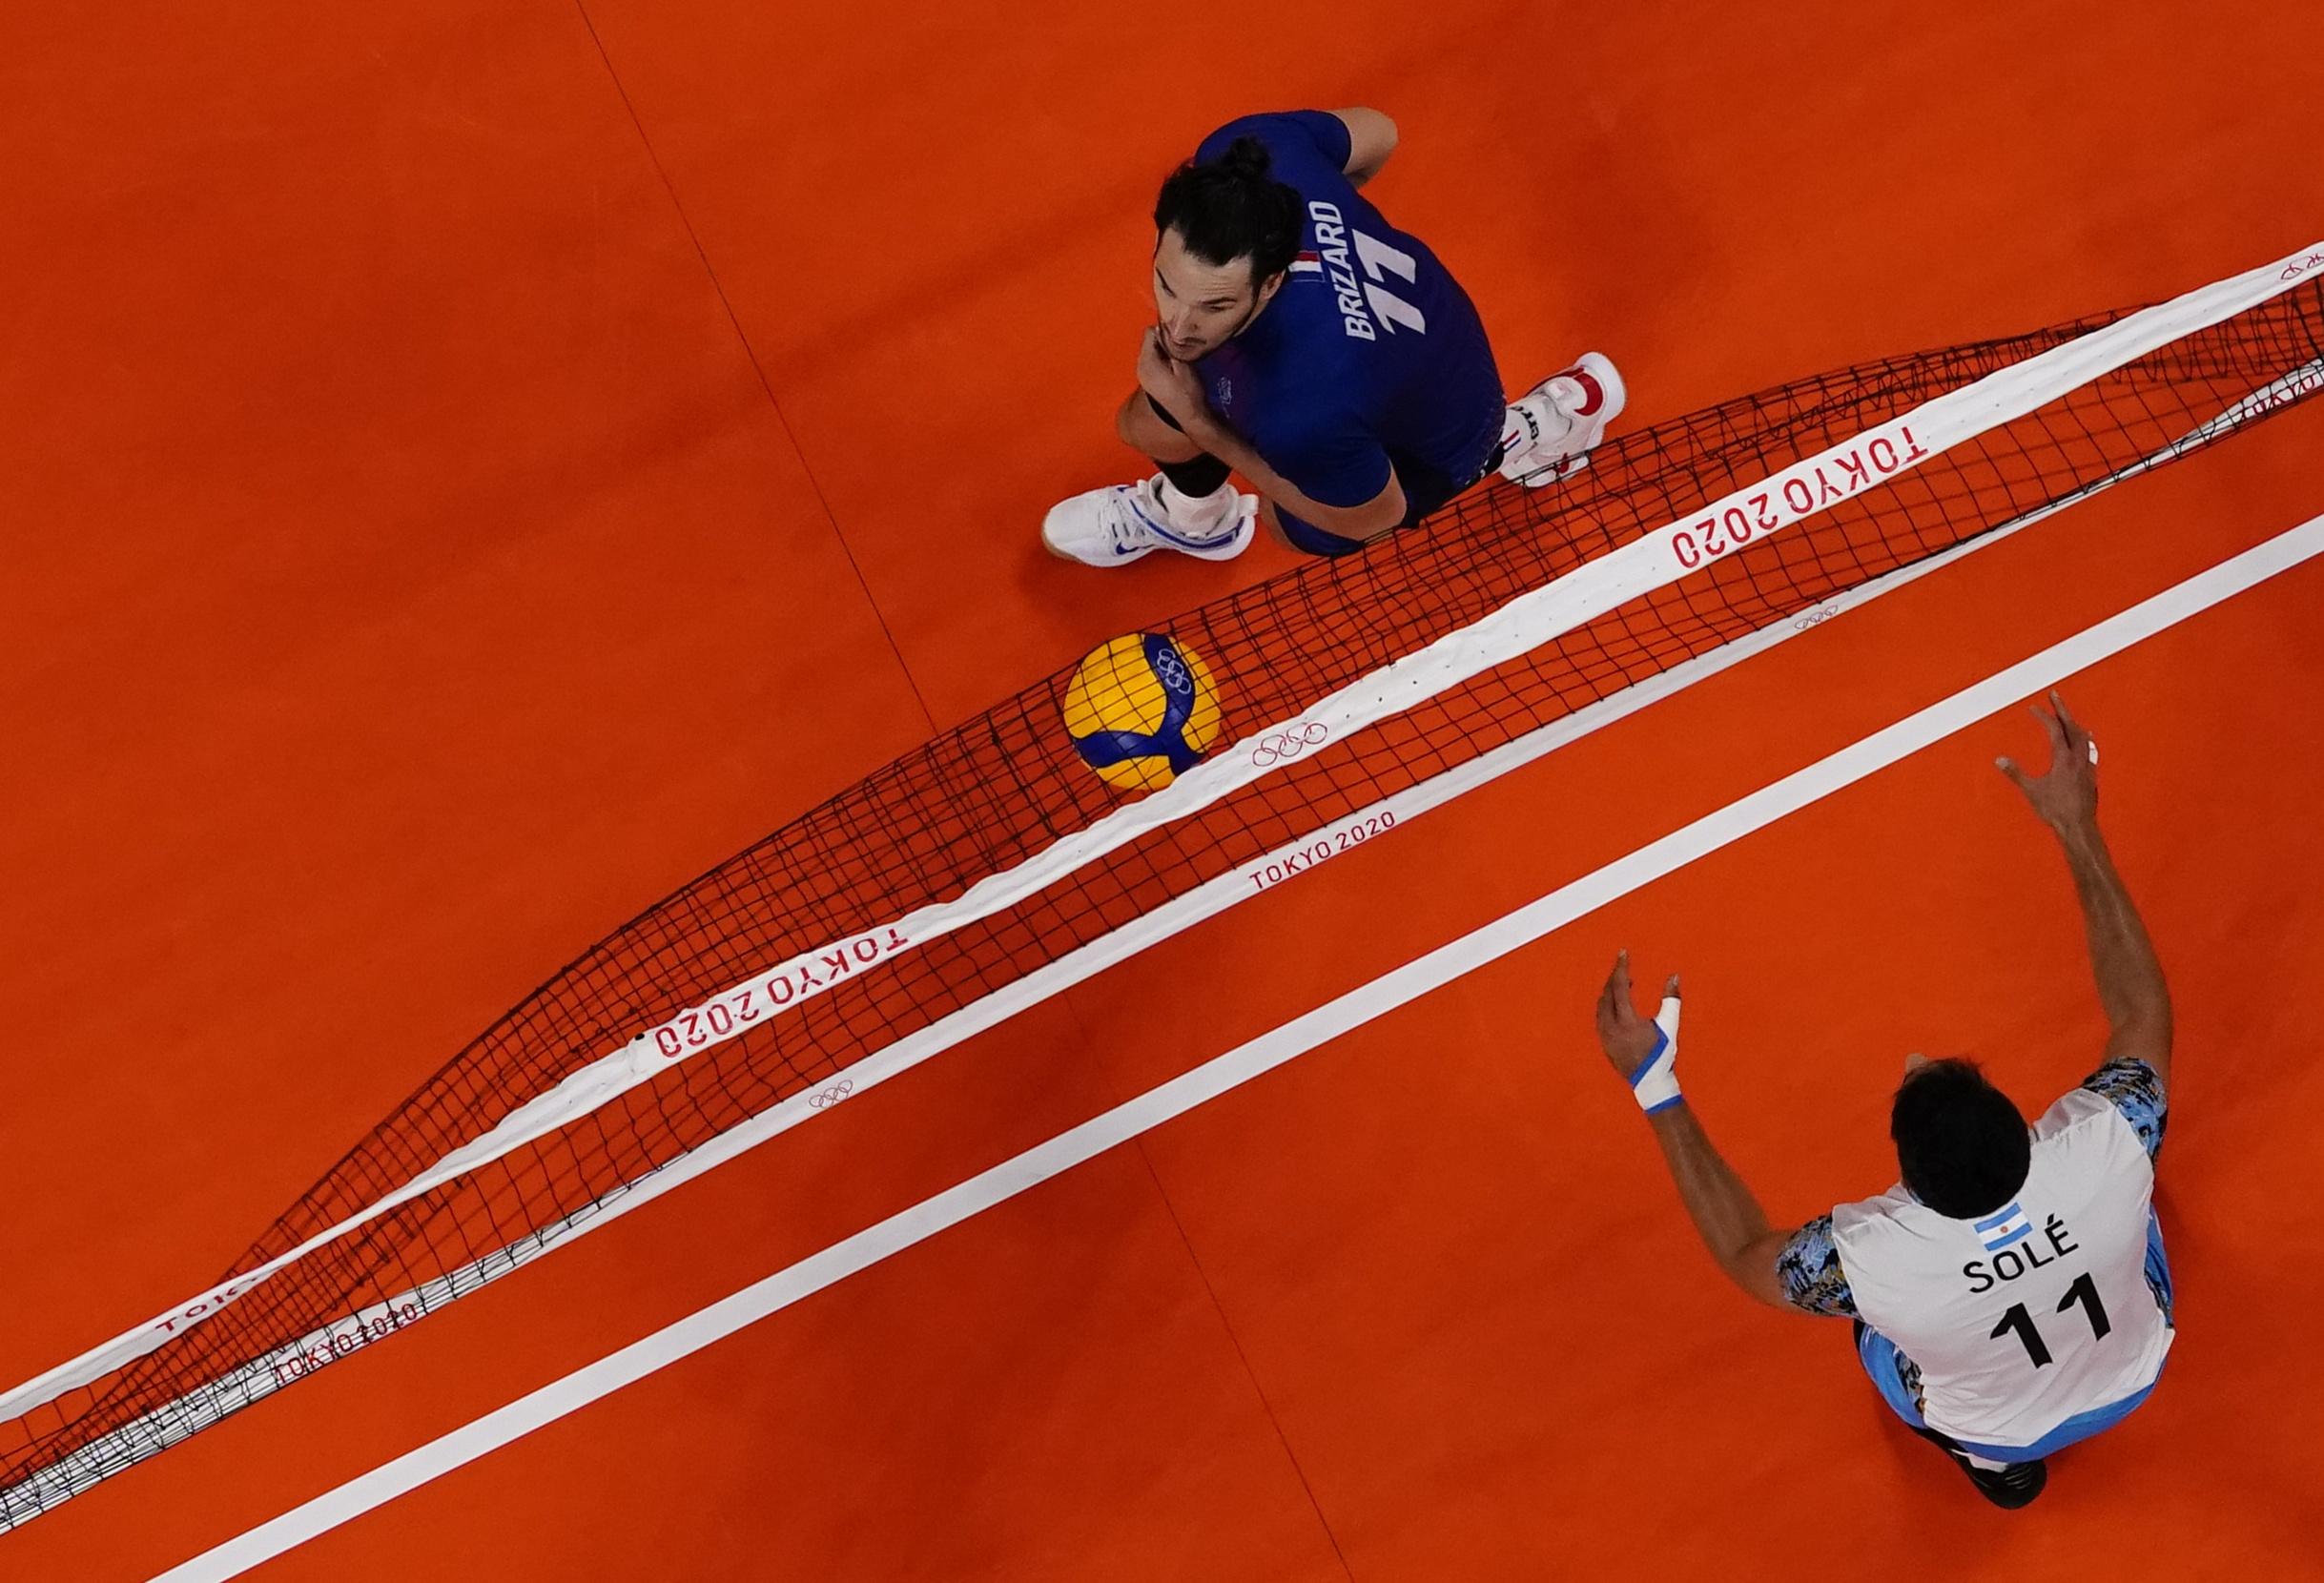 Ολυμπιακοί Αγώνες: Οι τελικοί και οι ώρες διεξαγωγής σε μπάσκετ, βόλεϊ και χάντμπολ ανδρών